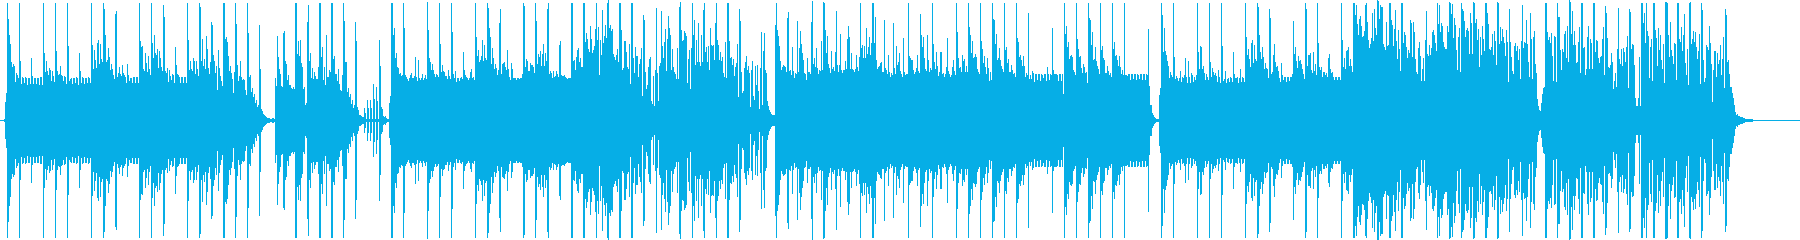 0418の再生済みの波形